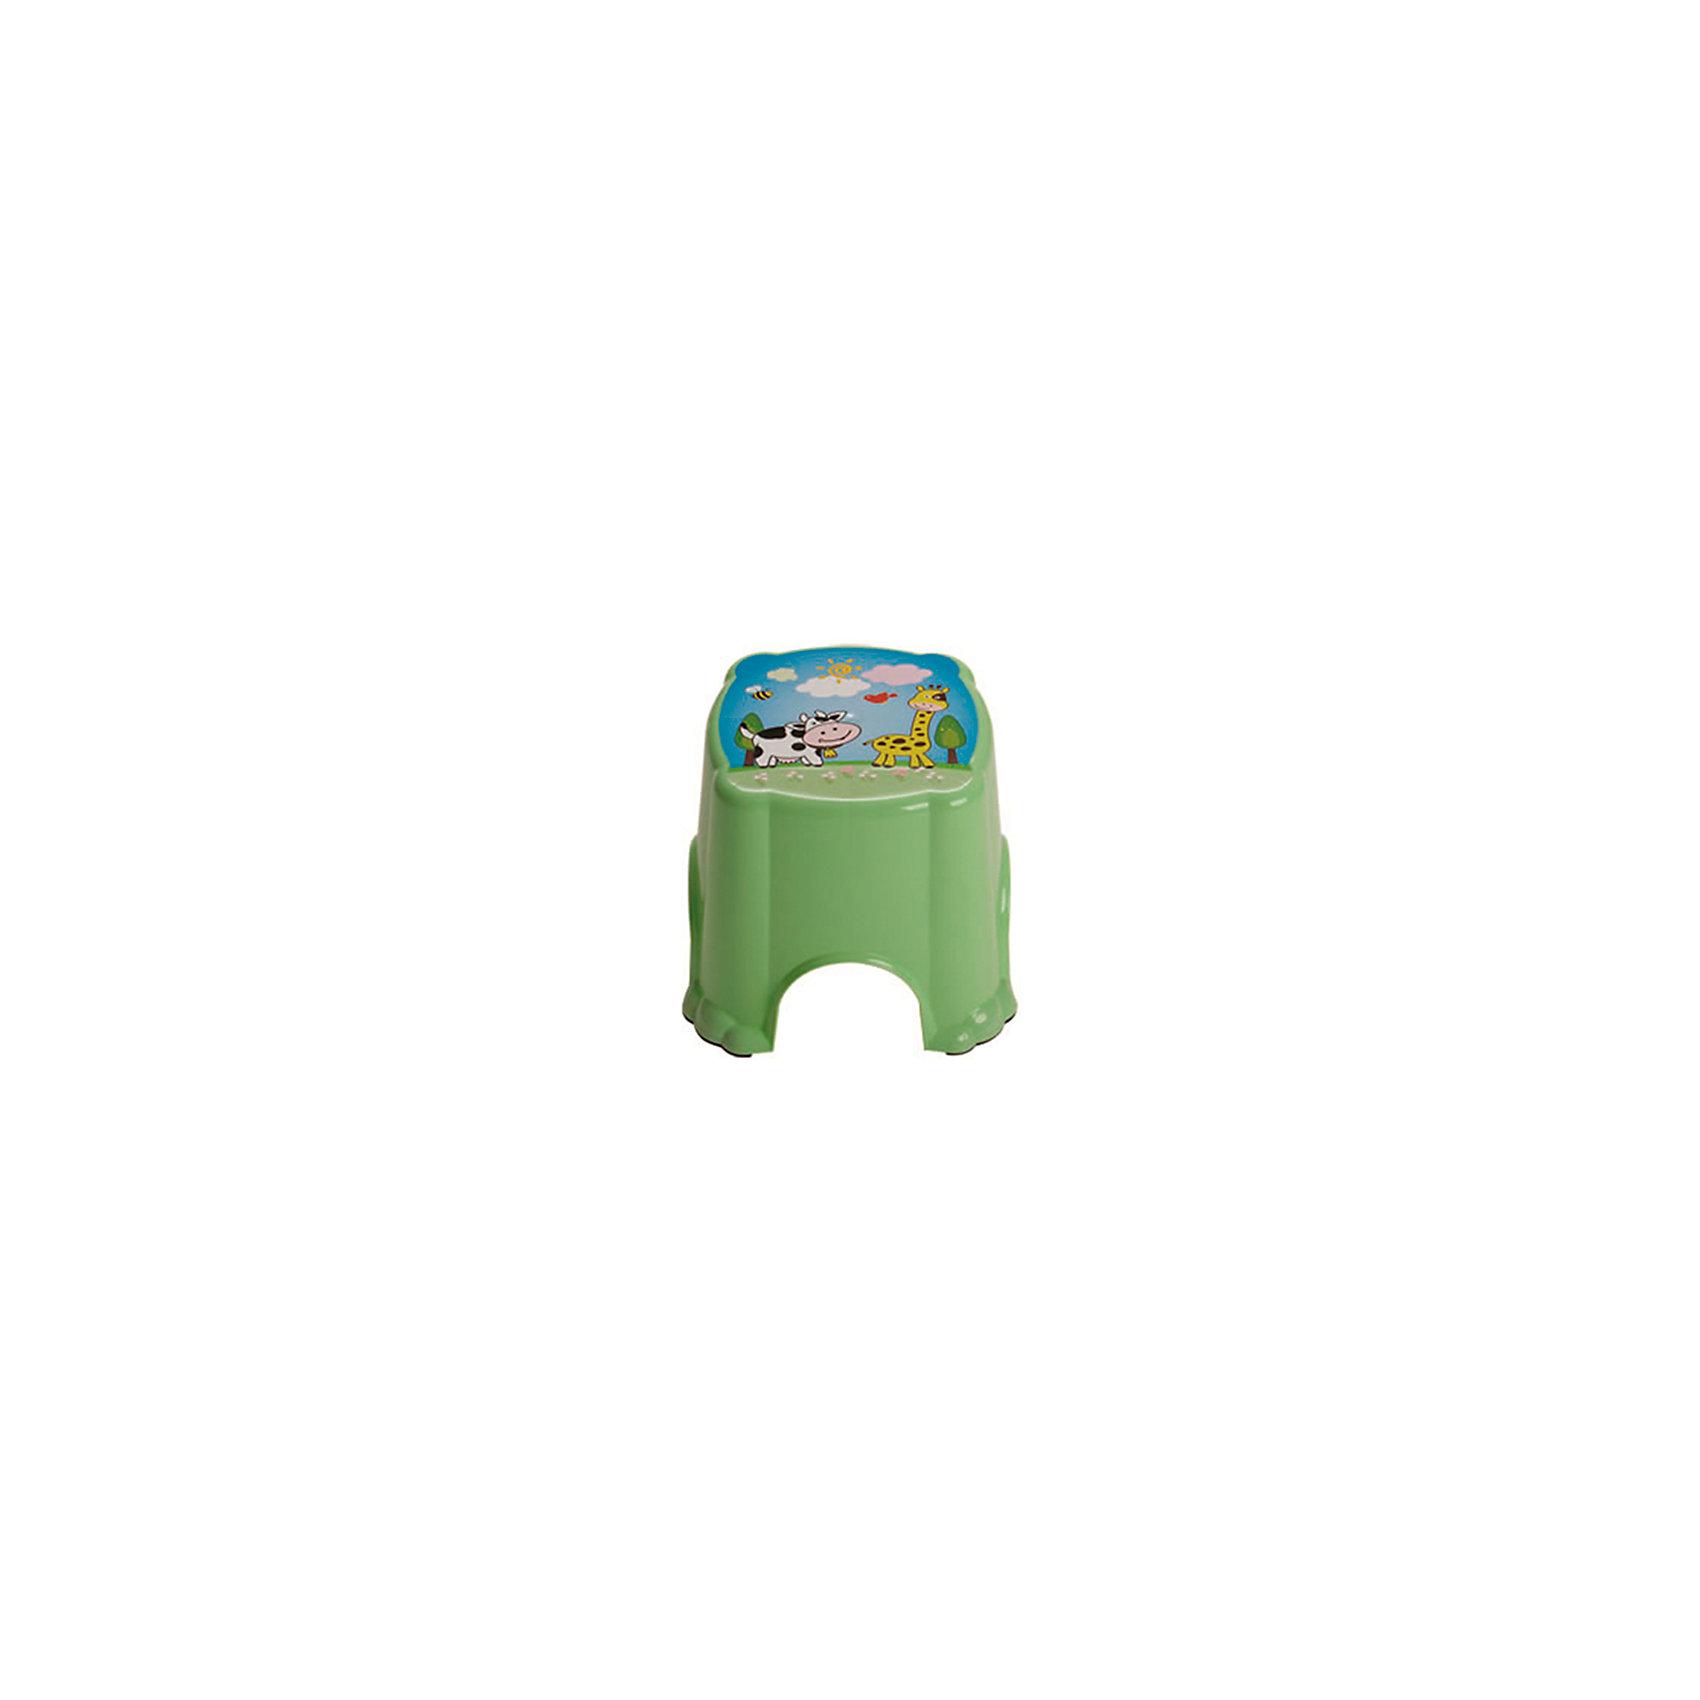 Зеленый табуретДетский табурет из твердой пластмассы поможет малышу самостоятельно умываться и чистить зубы. <br>Сверху используется противоскользящее покрытие, которое обеспечит безопасность вашему ребенку.<br><br>Дополнительная информация:<br><br>Материал: пластик.<br>Цвет: зеленый.<br>Размеры 25,5 x 25,5 x 21 см.<br><br>Детский табурет в зеленом цвете, можно купить в нашем магазине.<br><br>Ширина мм: 750<br>Глубина мм: 480<br>Высота мм: 380<br>Вес г: 300<br>Возраст от месяцев: 24<br>Возраст до месяцев: 84<br>Пол: Унисекс<br>Возраст: Детский<br>SKU: 4718411